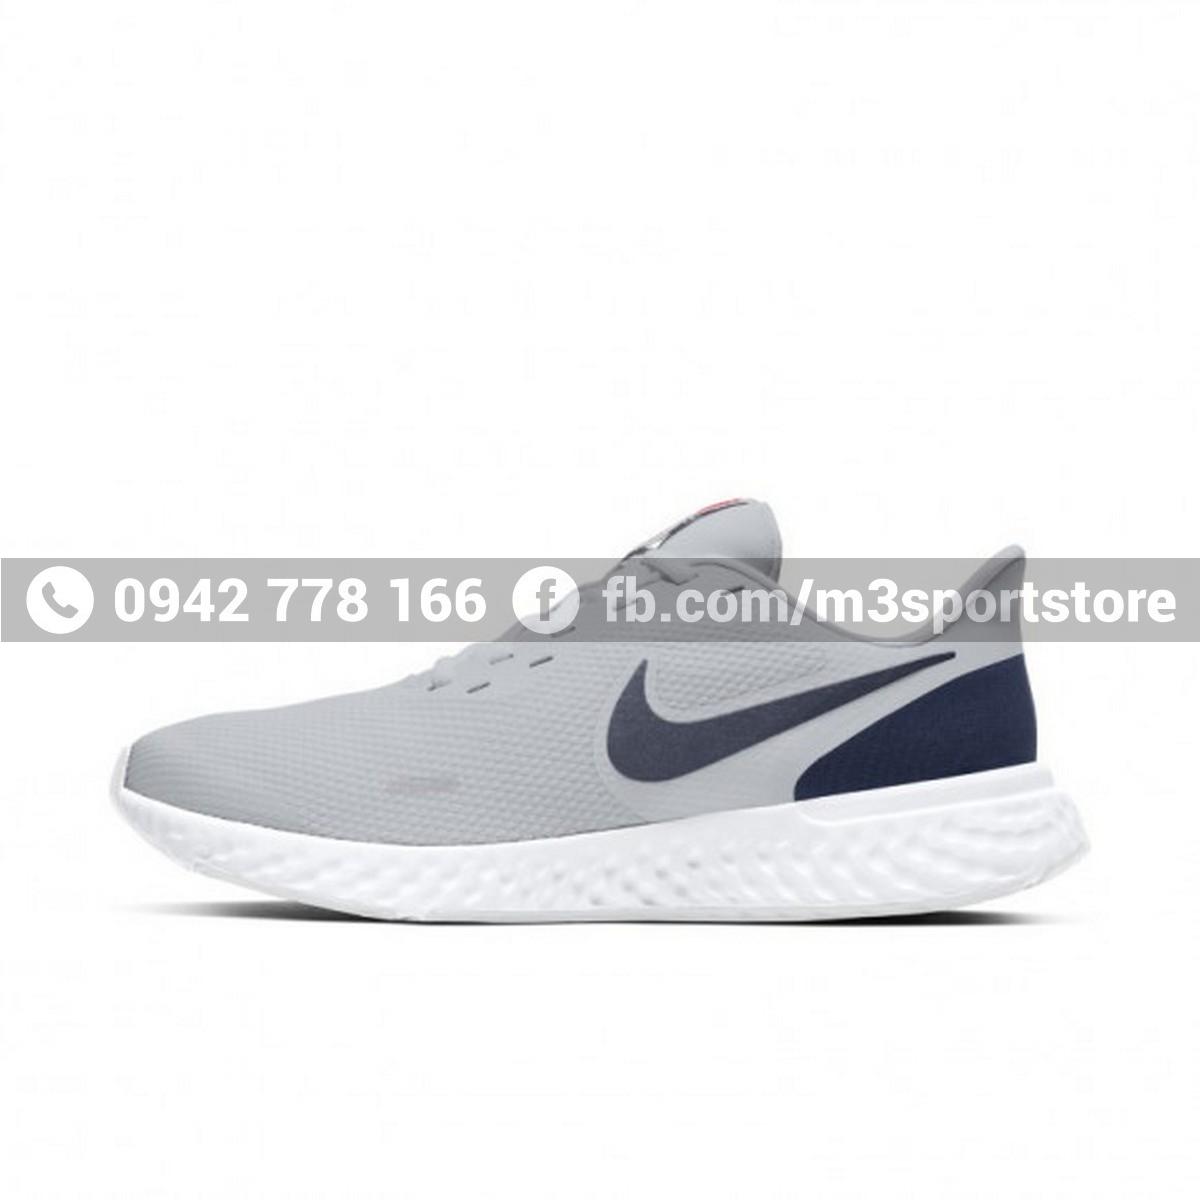 Giày thể thao nam Nike Revolution 5 BQ3204